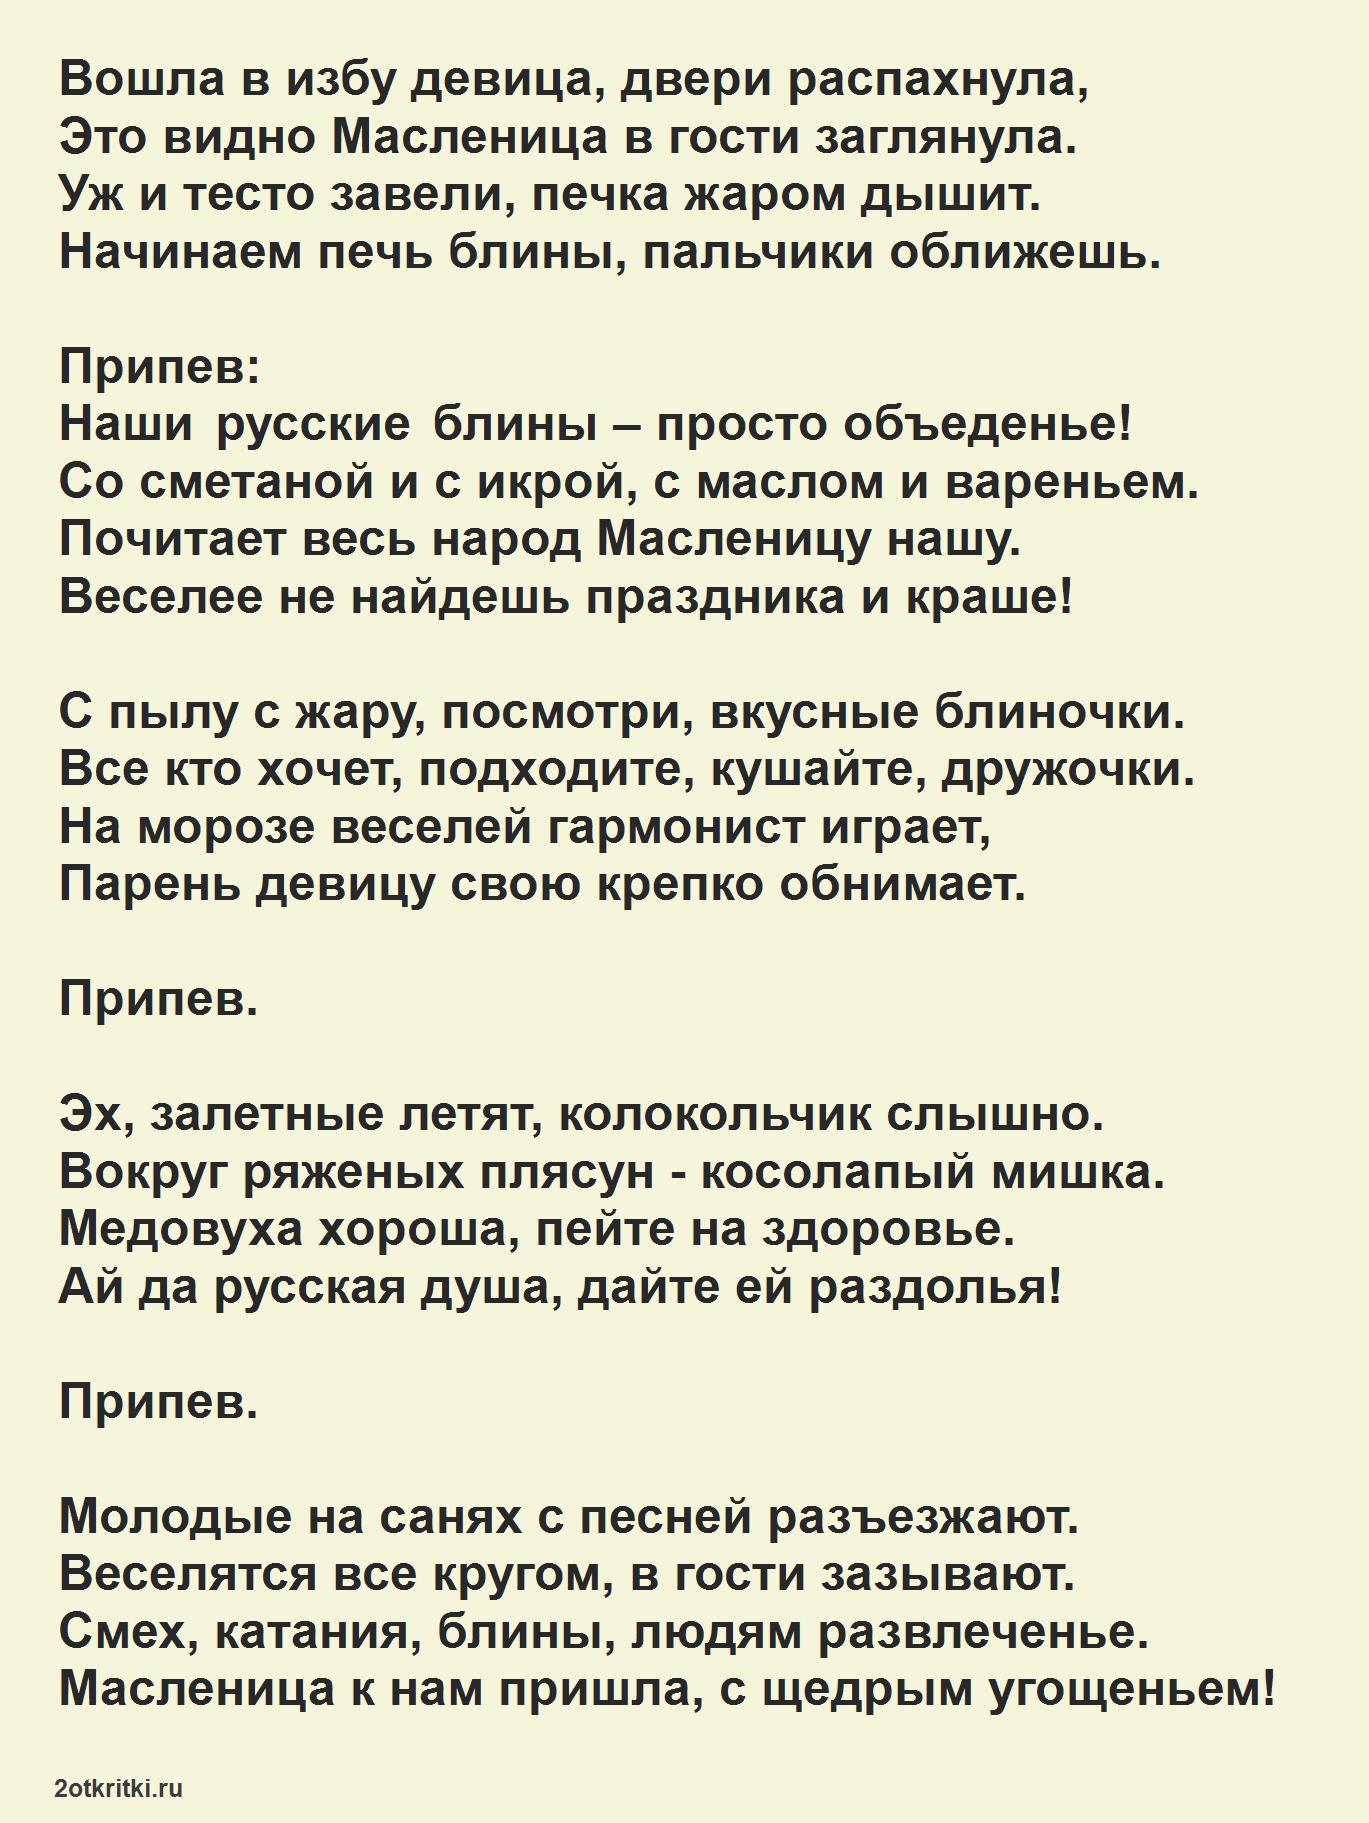 Русские песни масленица текст - Вошла в избу девица, двери распахнула